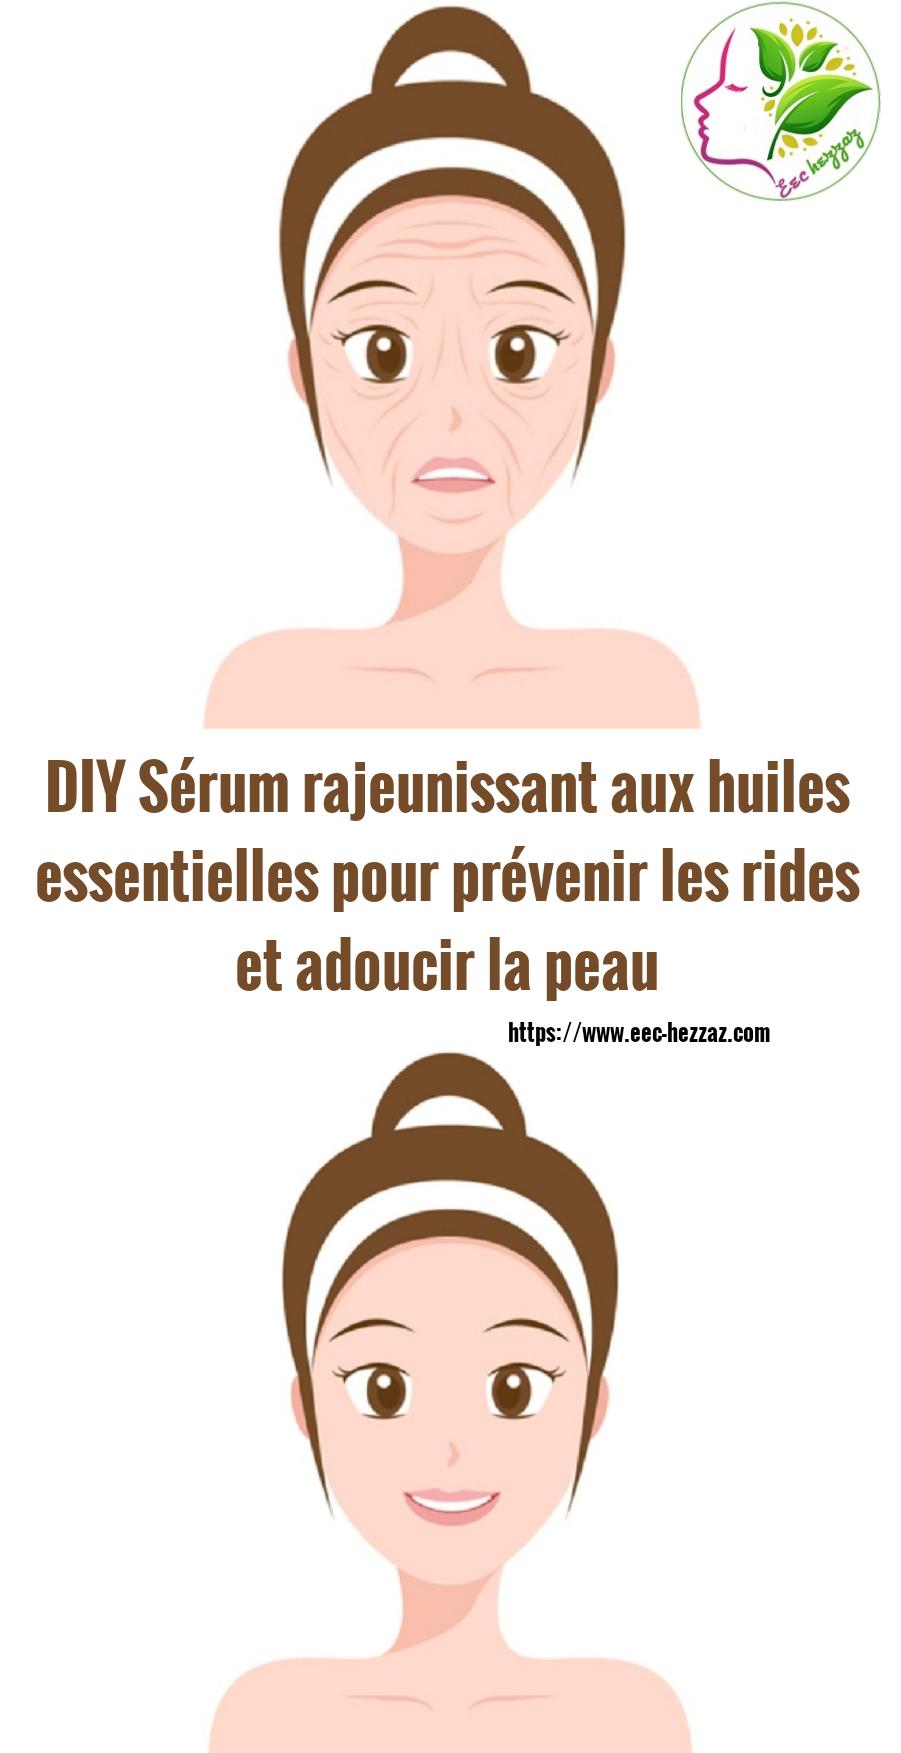 DIY Sérum rajeunissant aux huiles essentielles pour prévenir les rides et adoucir la peau